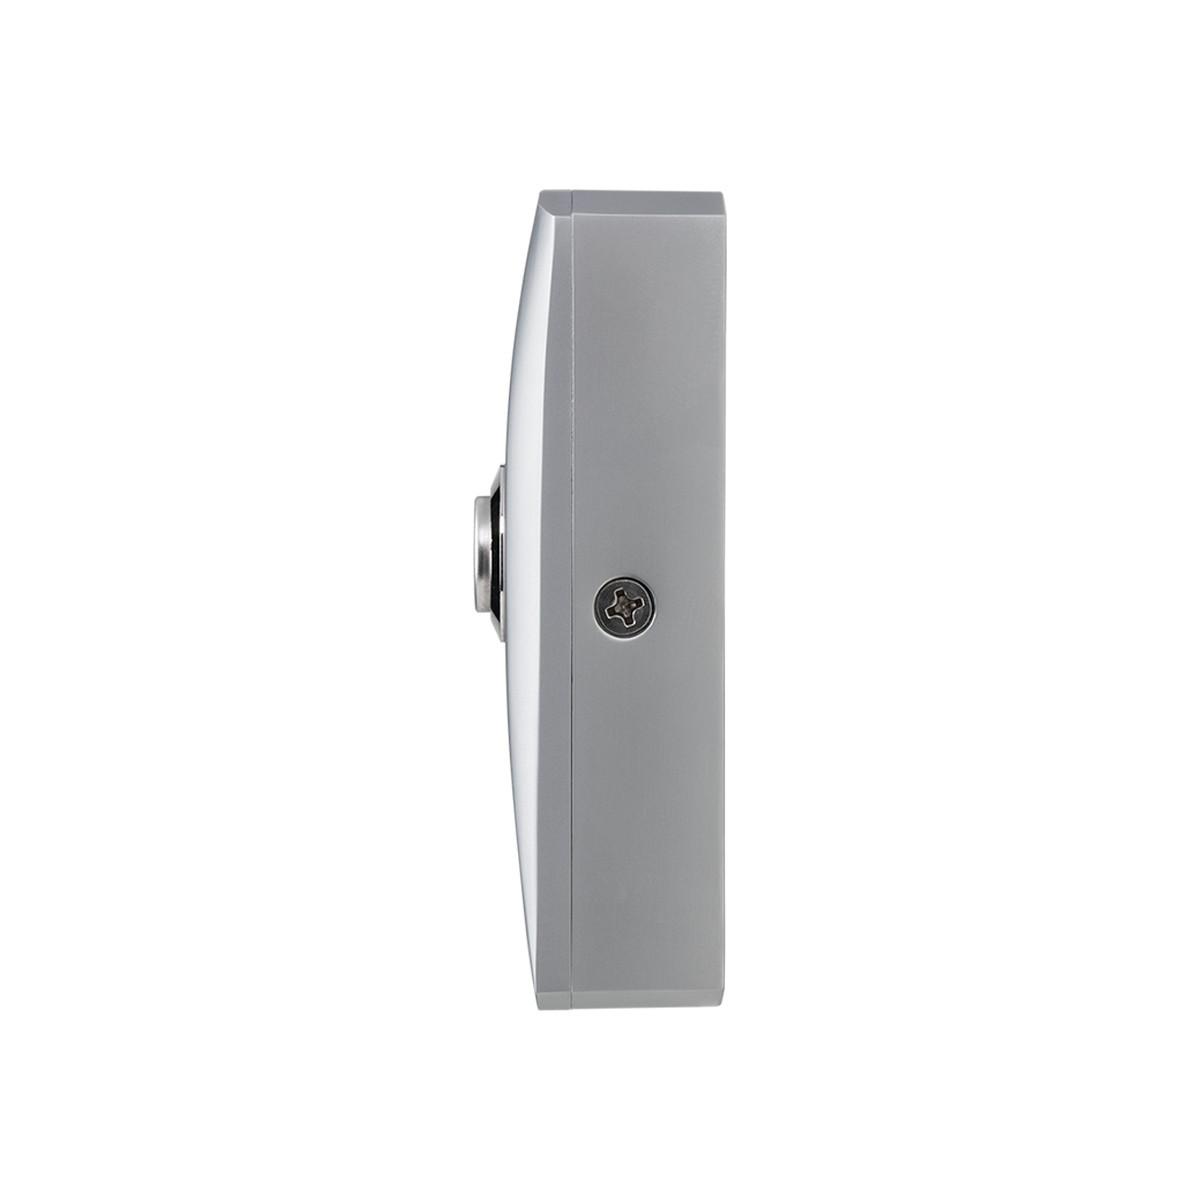 Botoeira HDL Ip66 Inox botão acionador de abertura da fechadura